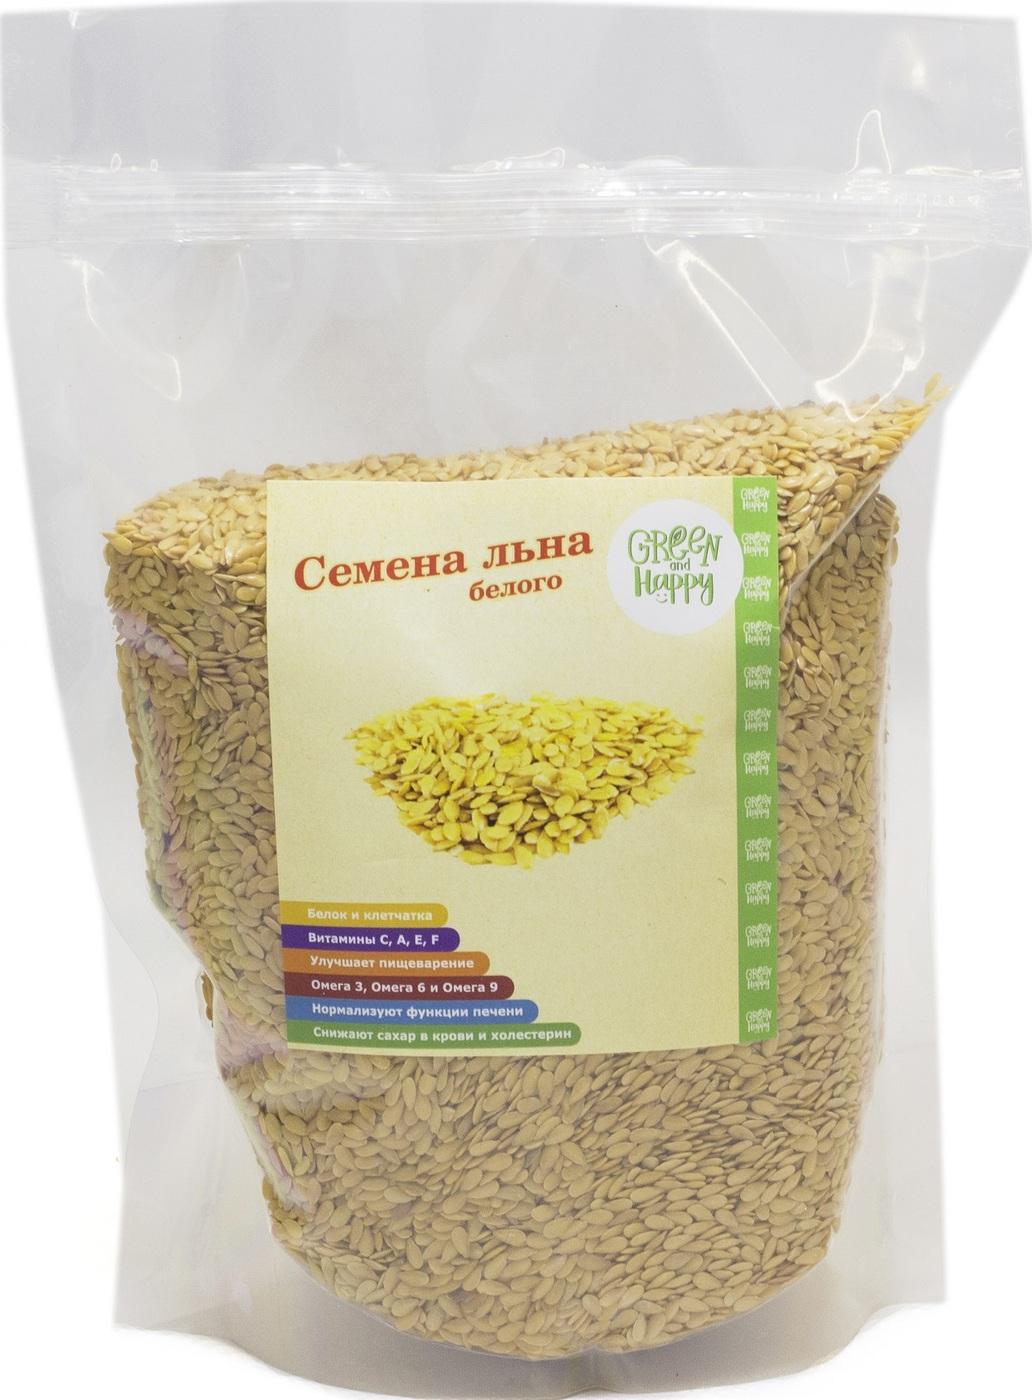 Похудеть Семена Белого Льна. Льняное семя для похудения: как правильно принимать?